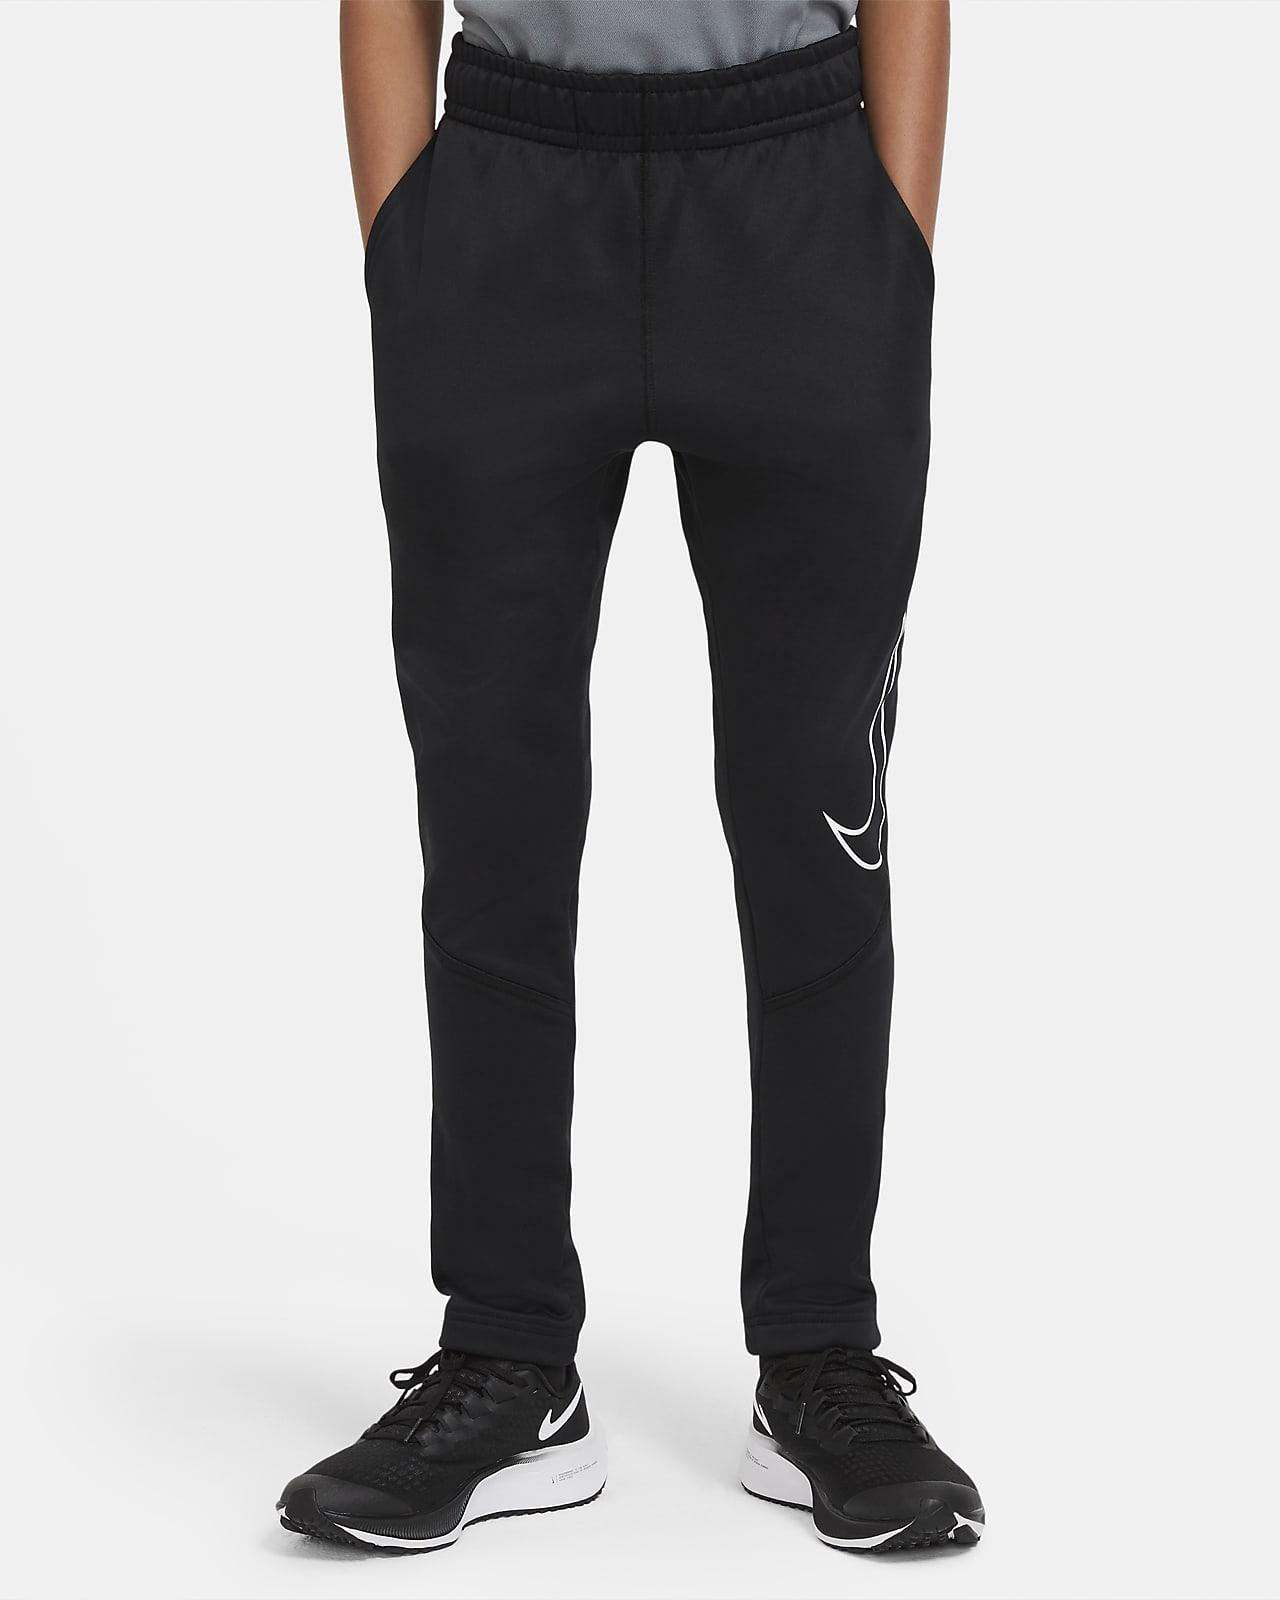 Faconsyede Nike Therma-træningsbukser med grafik til store børn (drenge)